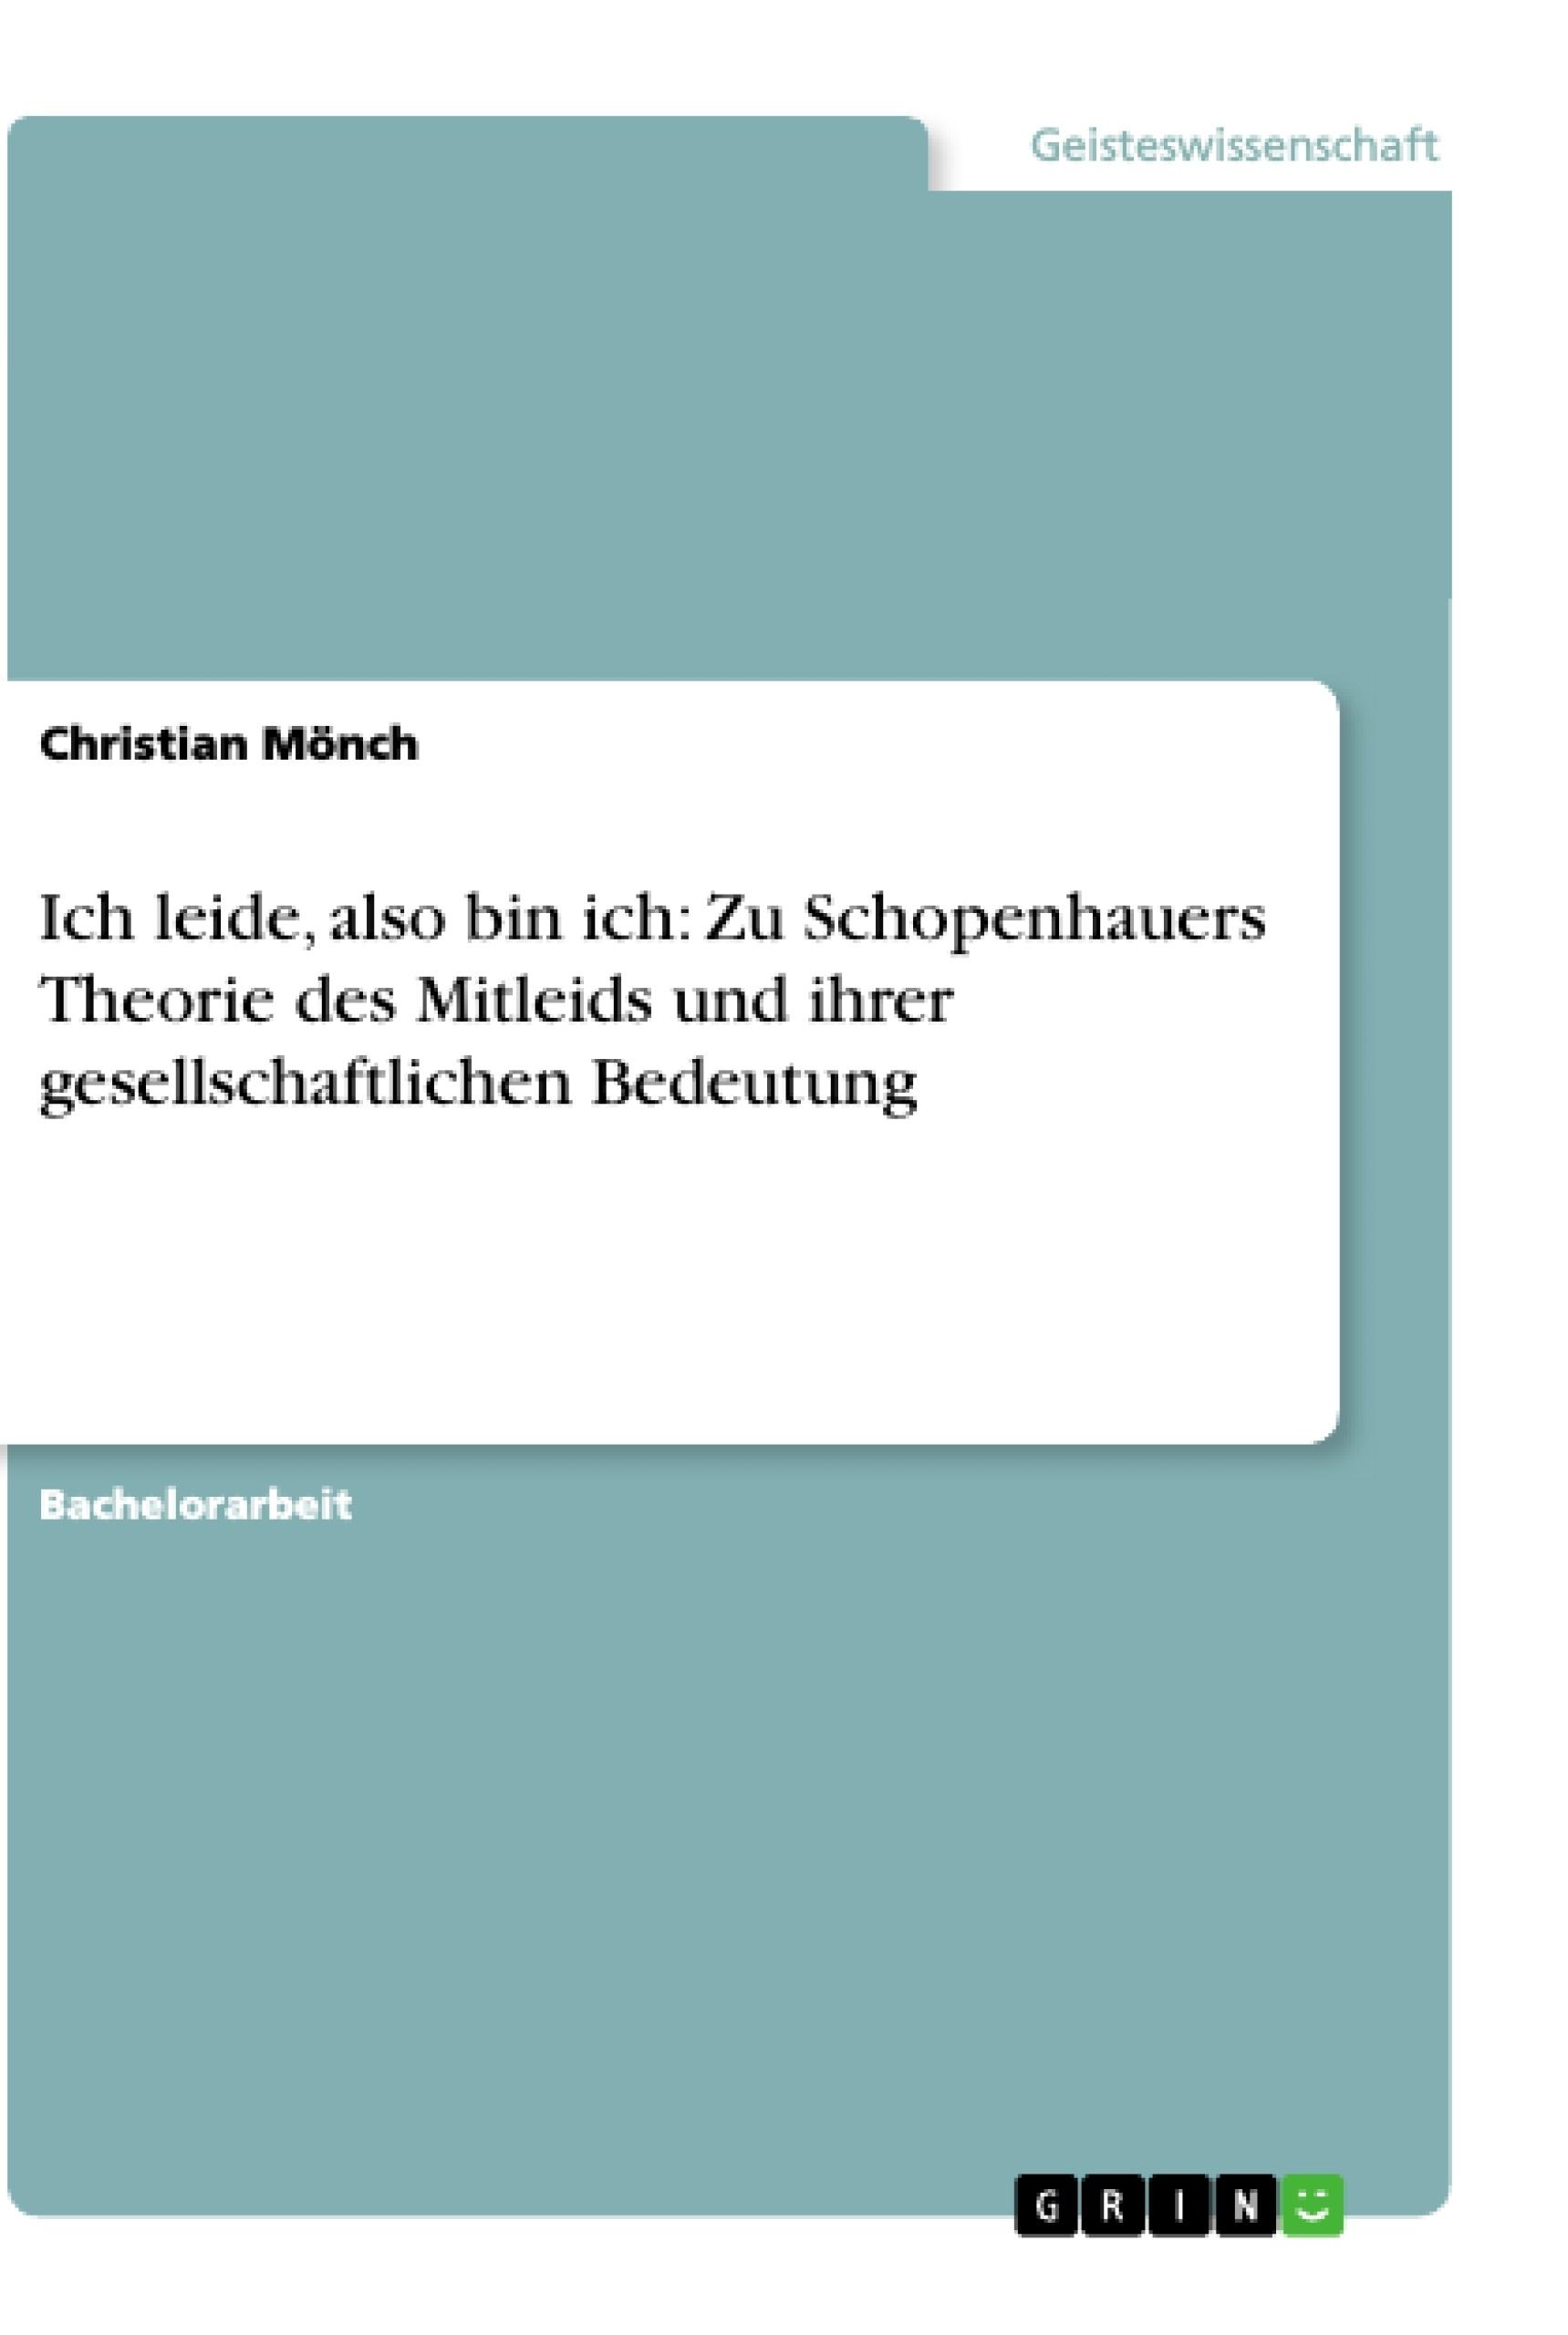 Titel: Ich leide, also bin ich: Zu Schopenhauers Theorie des Mitleids und ihrer gesellschaftlichen Bedeutung